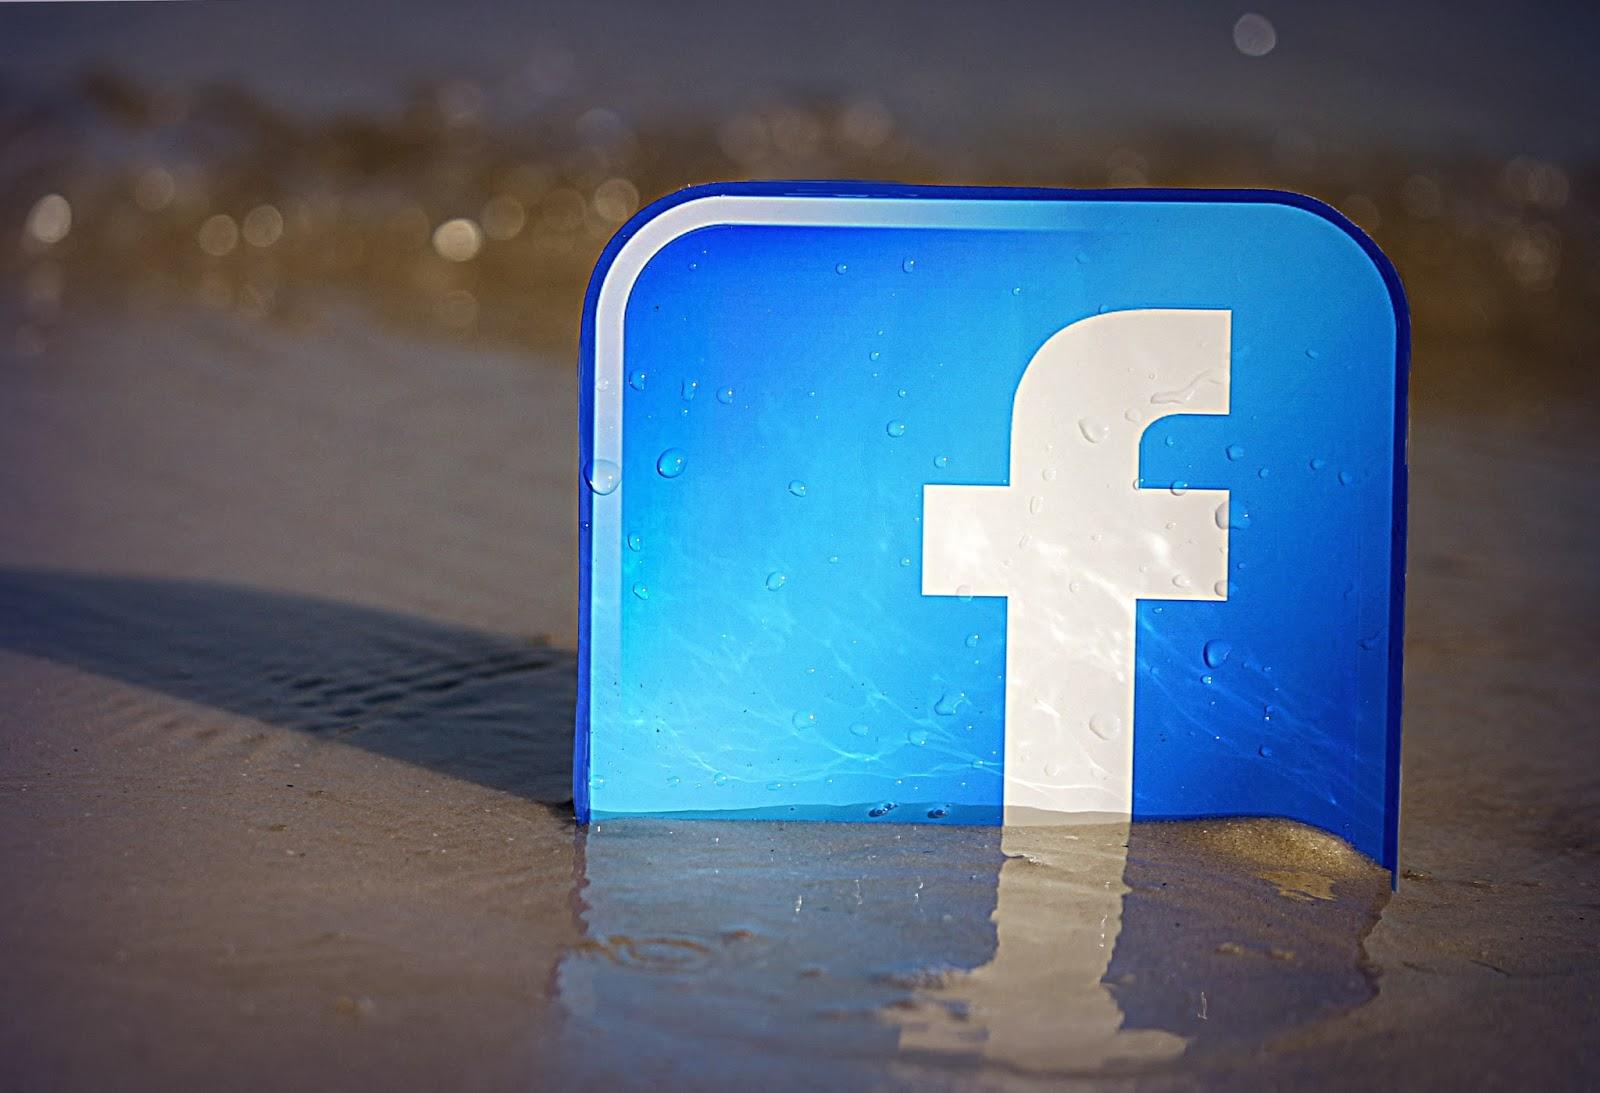 Download Aplikasi Facebook untuk HP Samsung